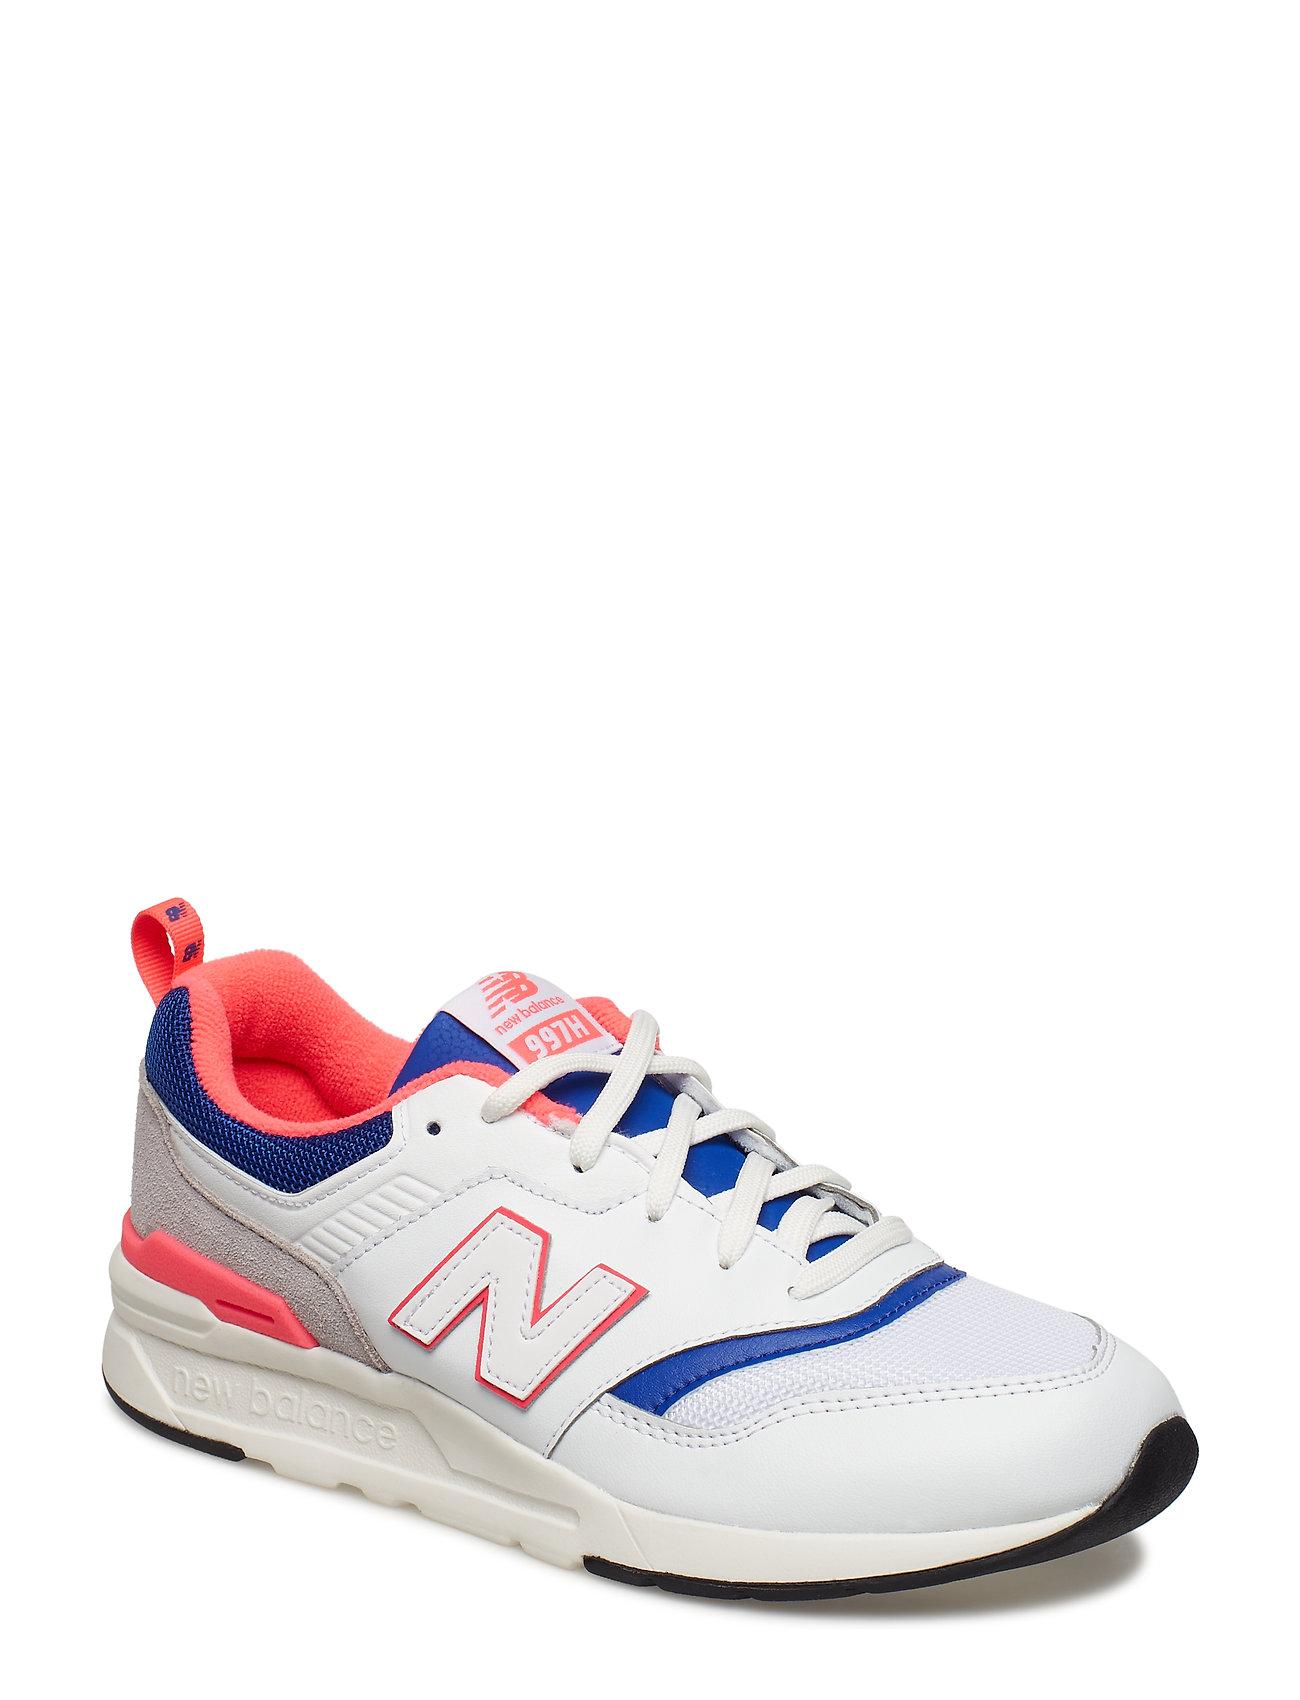 New Balance GR997 - WHITE